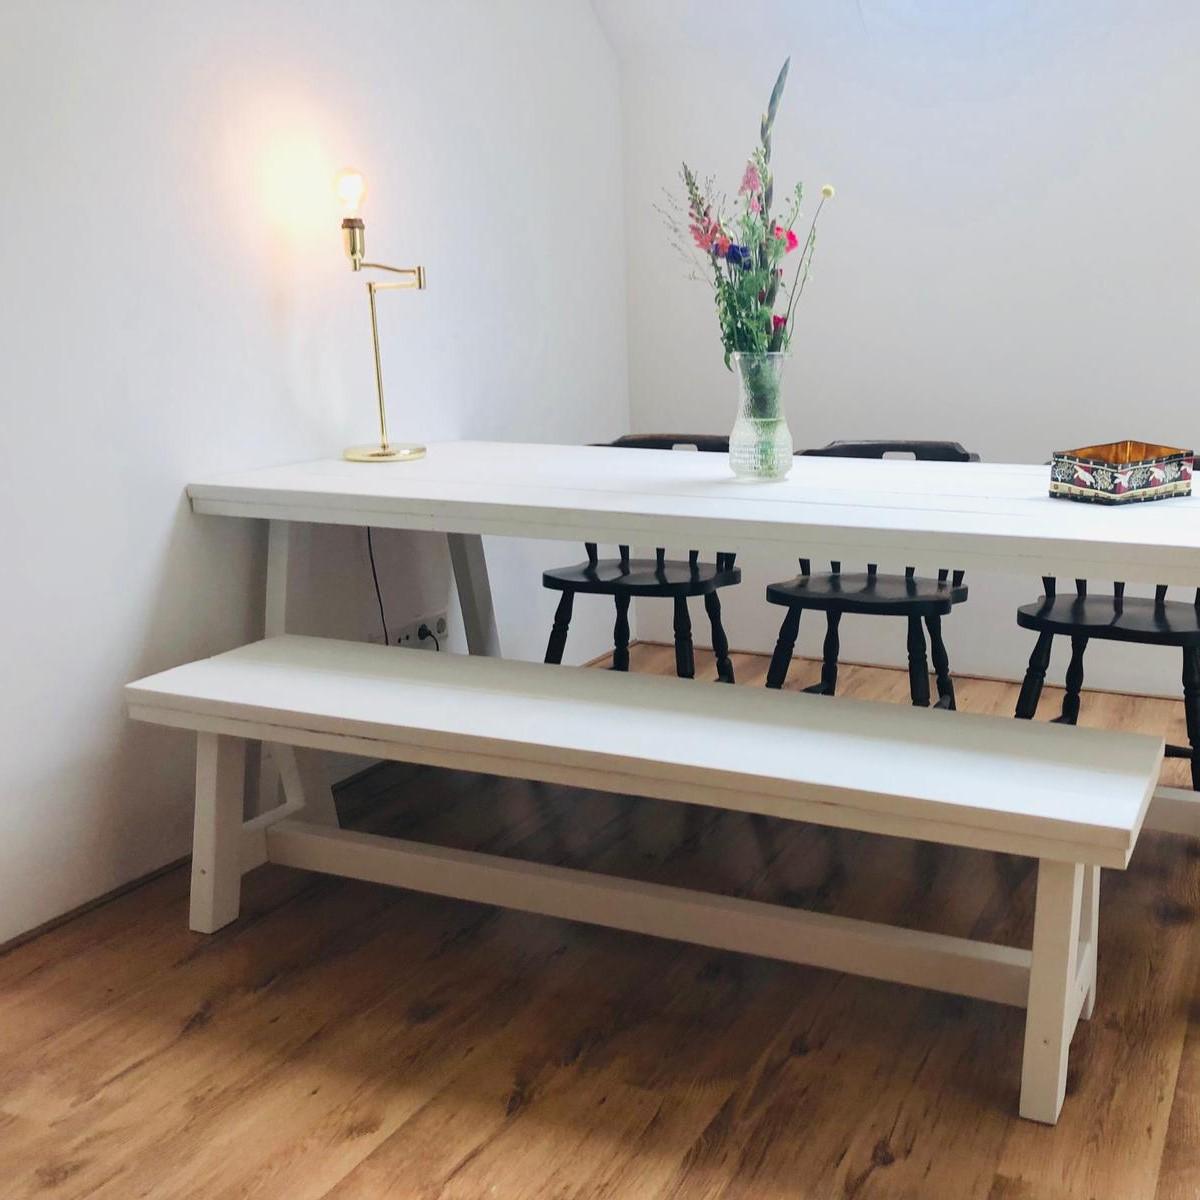 Houten Bank Voor Aan Eettafel.Witte Eettafel Van Steigerhout Krijtverf Houten Tafel Wit